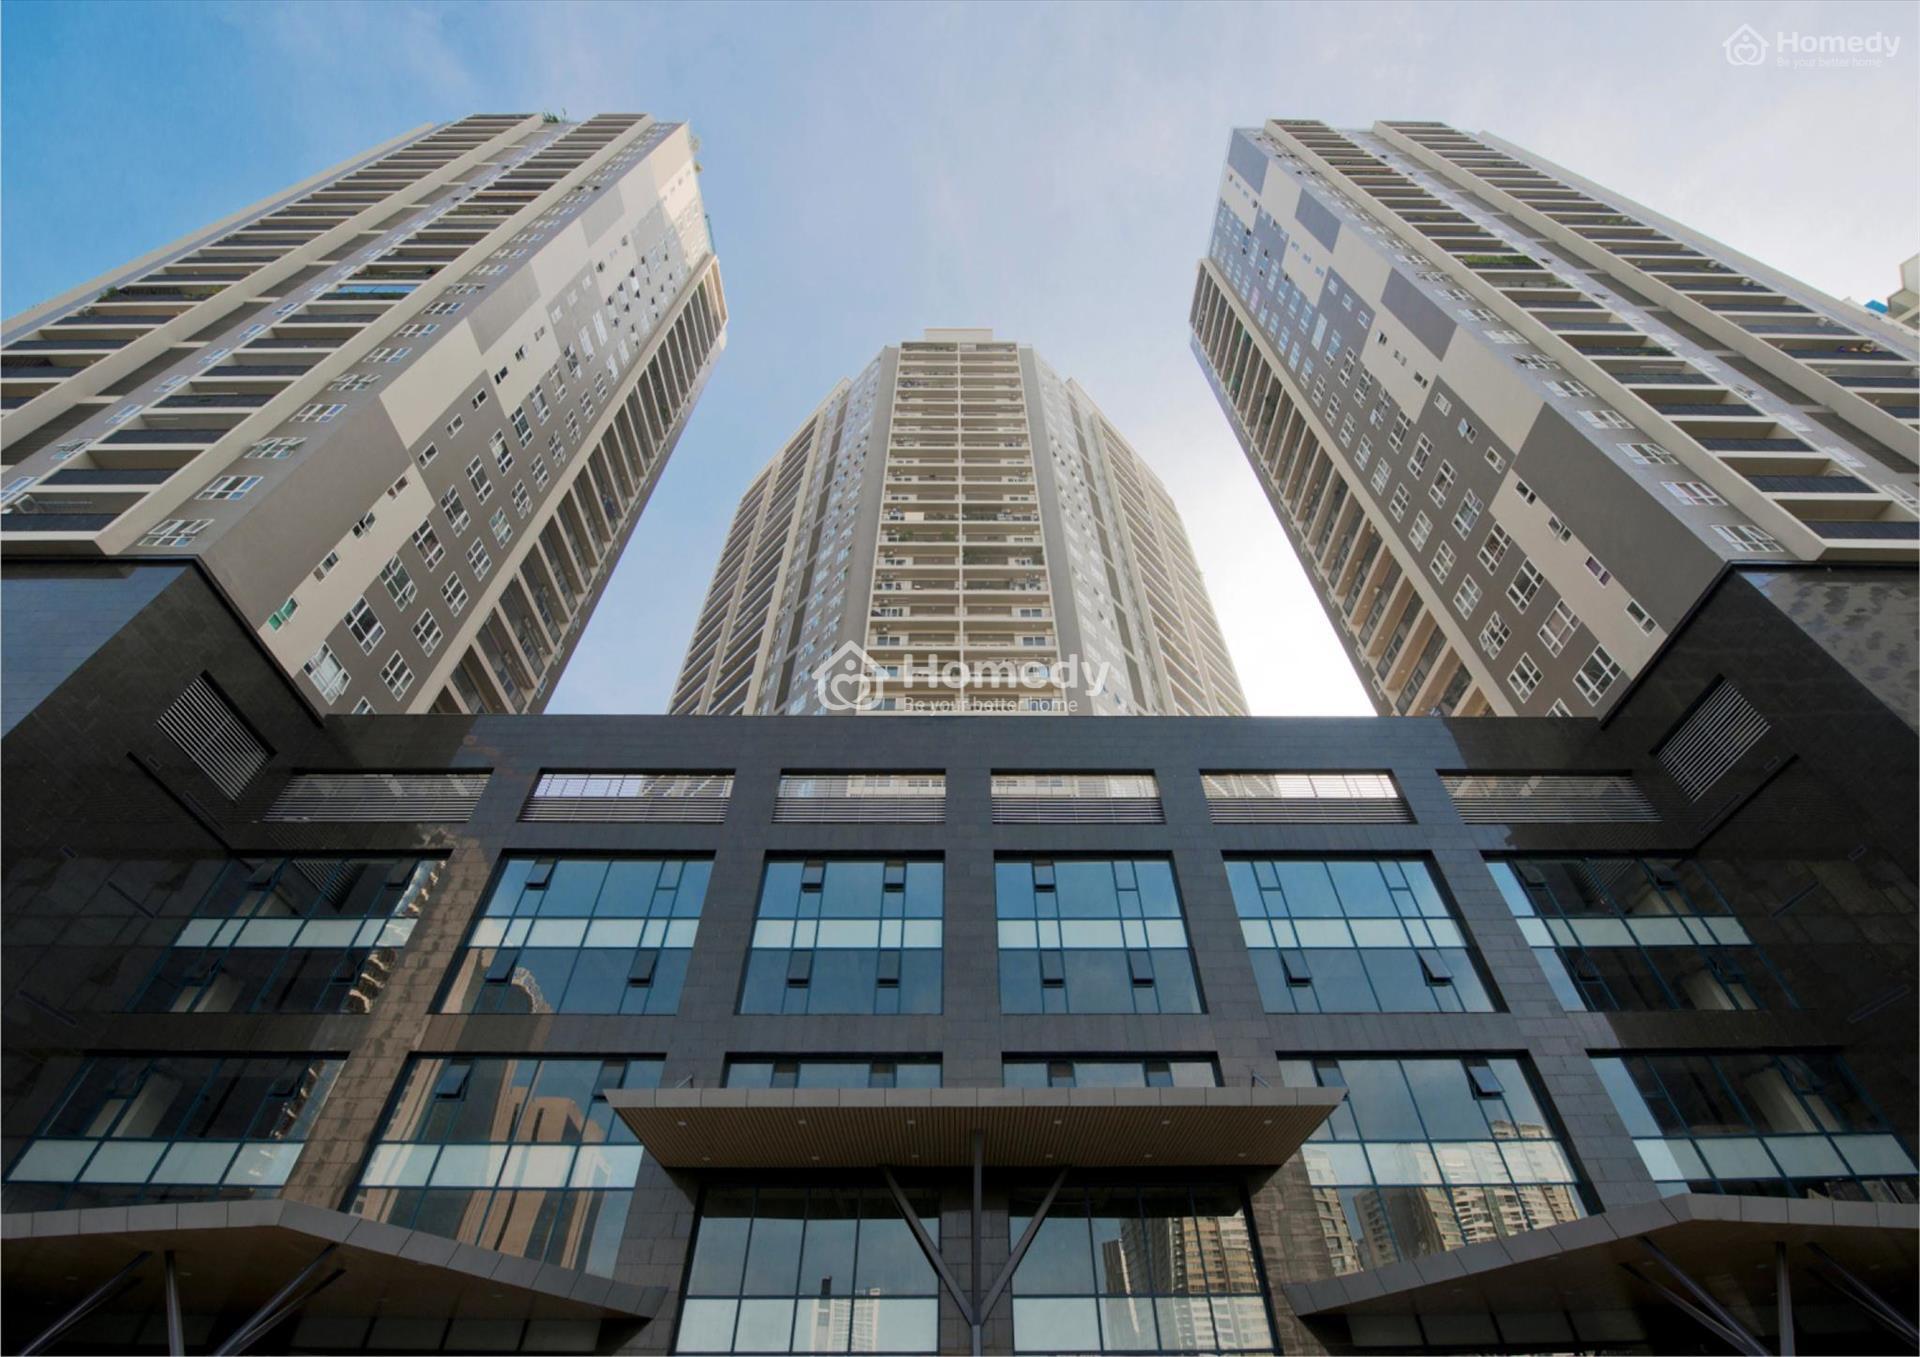 Giấy chứng nhận quyền sở hữu đối với căn hộ chung cư là giấy tờ pháp lý quan trọng do cơ quan quản lý Nhà nước cấp. Giấy chứng nhận quyền sở hữu đối với căn hộ chung cư là chứng cứ hợp pháp và duy nhất xác định chủ quyền đối với căn hộ.